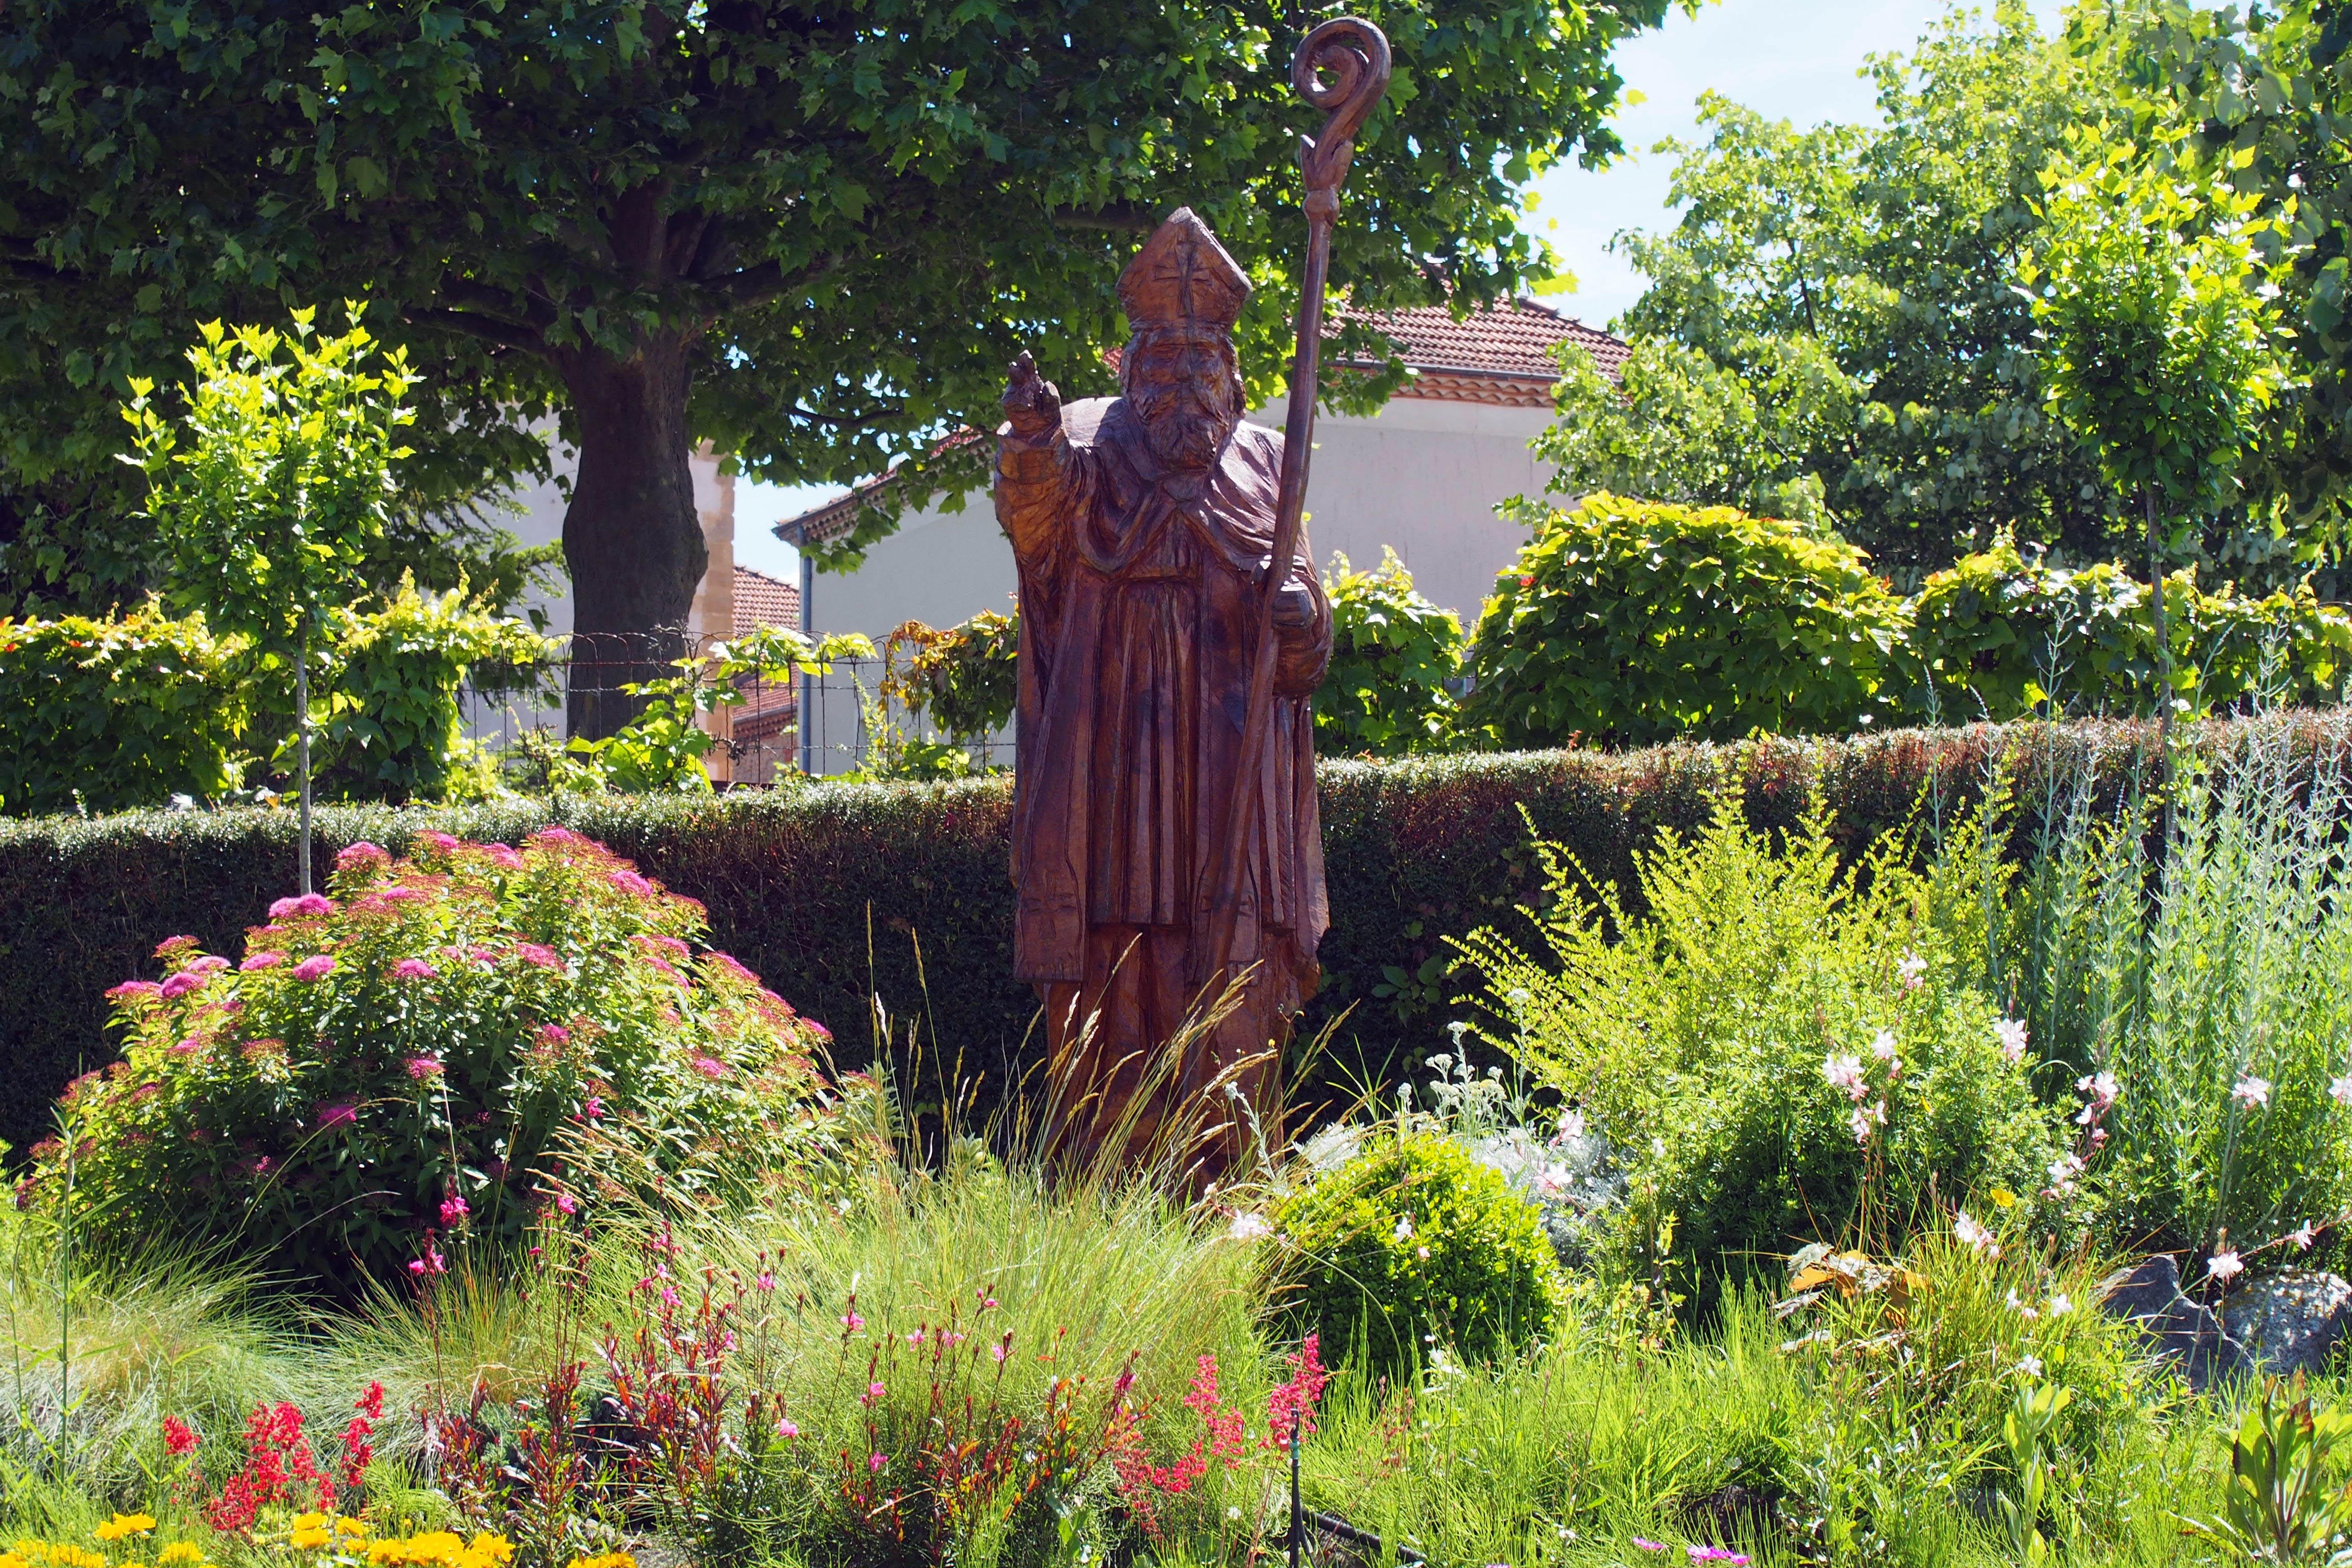 saint-avitois